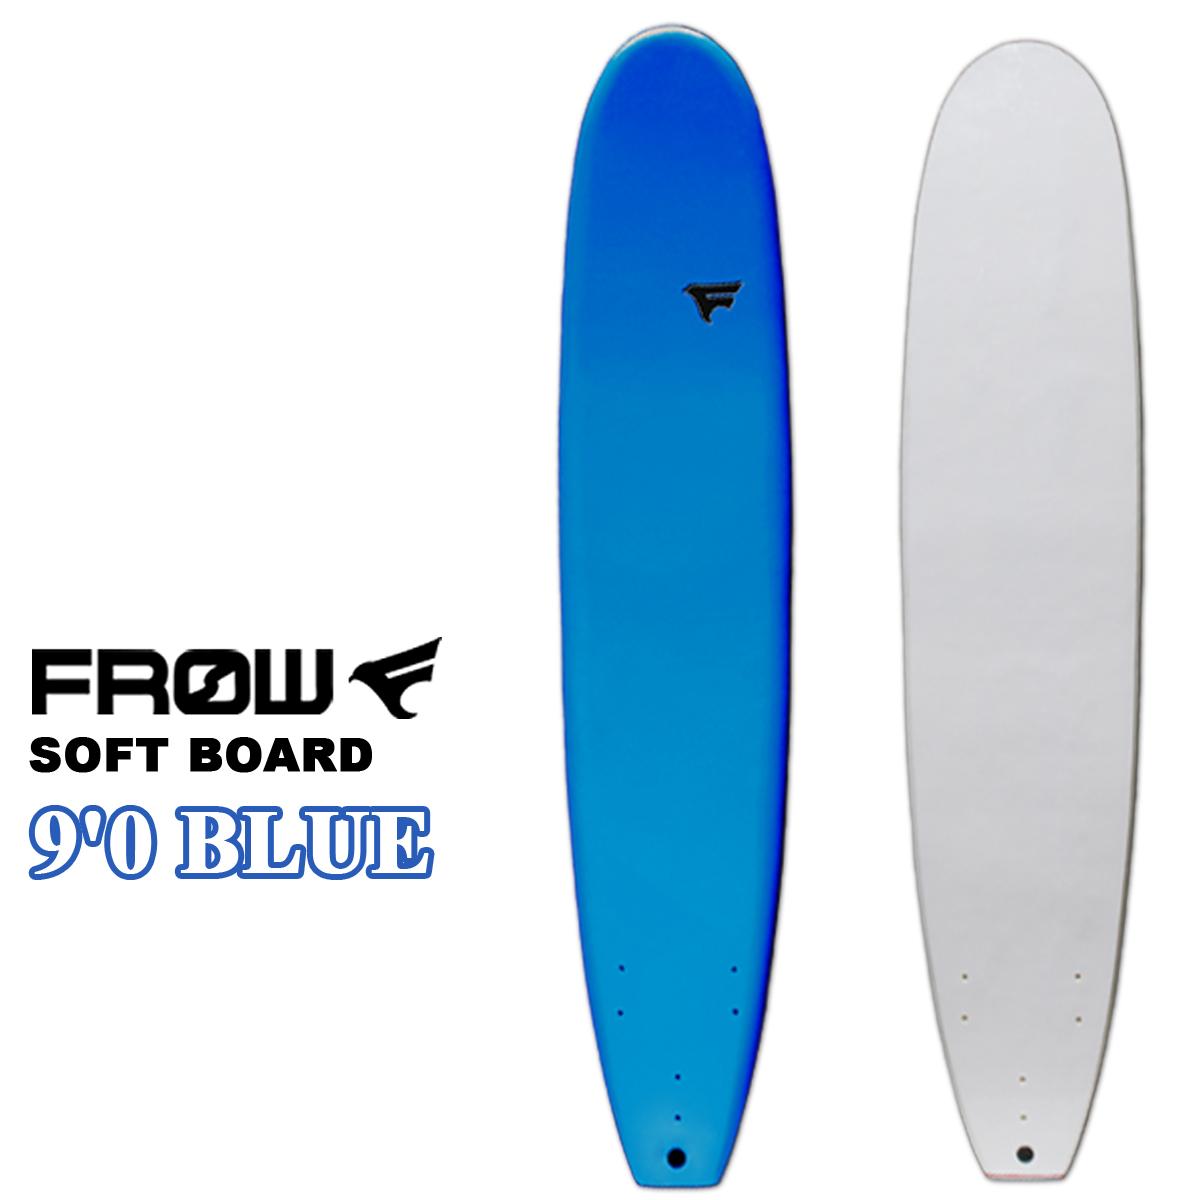 【ソフトボード】FROW 9'0 青●超極太★ロングボード SOFT サーフ【希望小売価格の48%OFF】